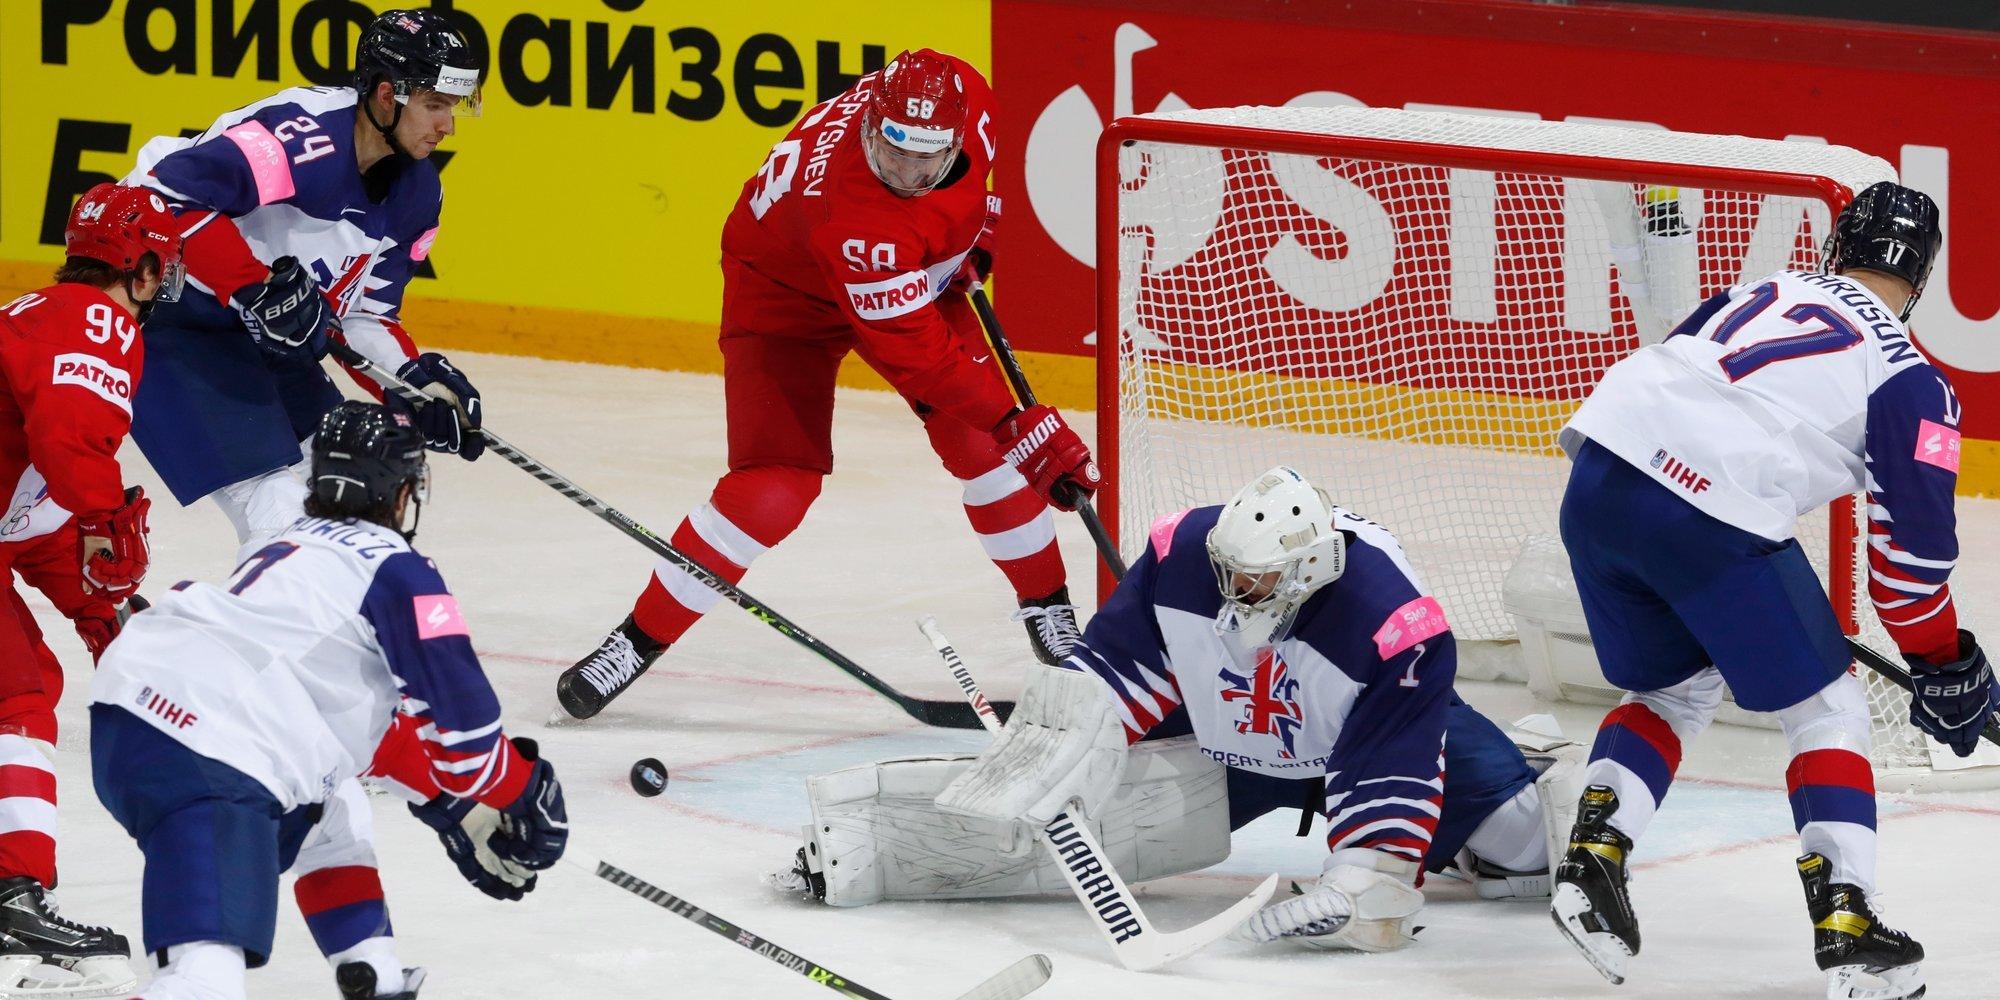 Дубль Бурдасова помог России разгромить Великобританию на чемпионате мира